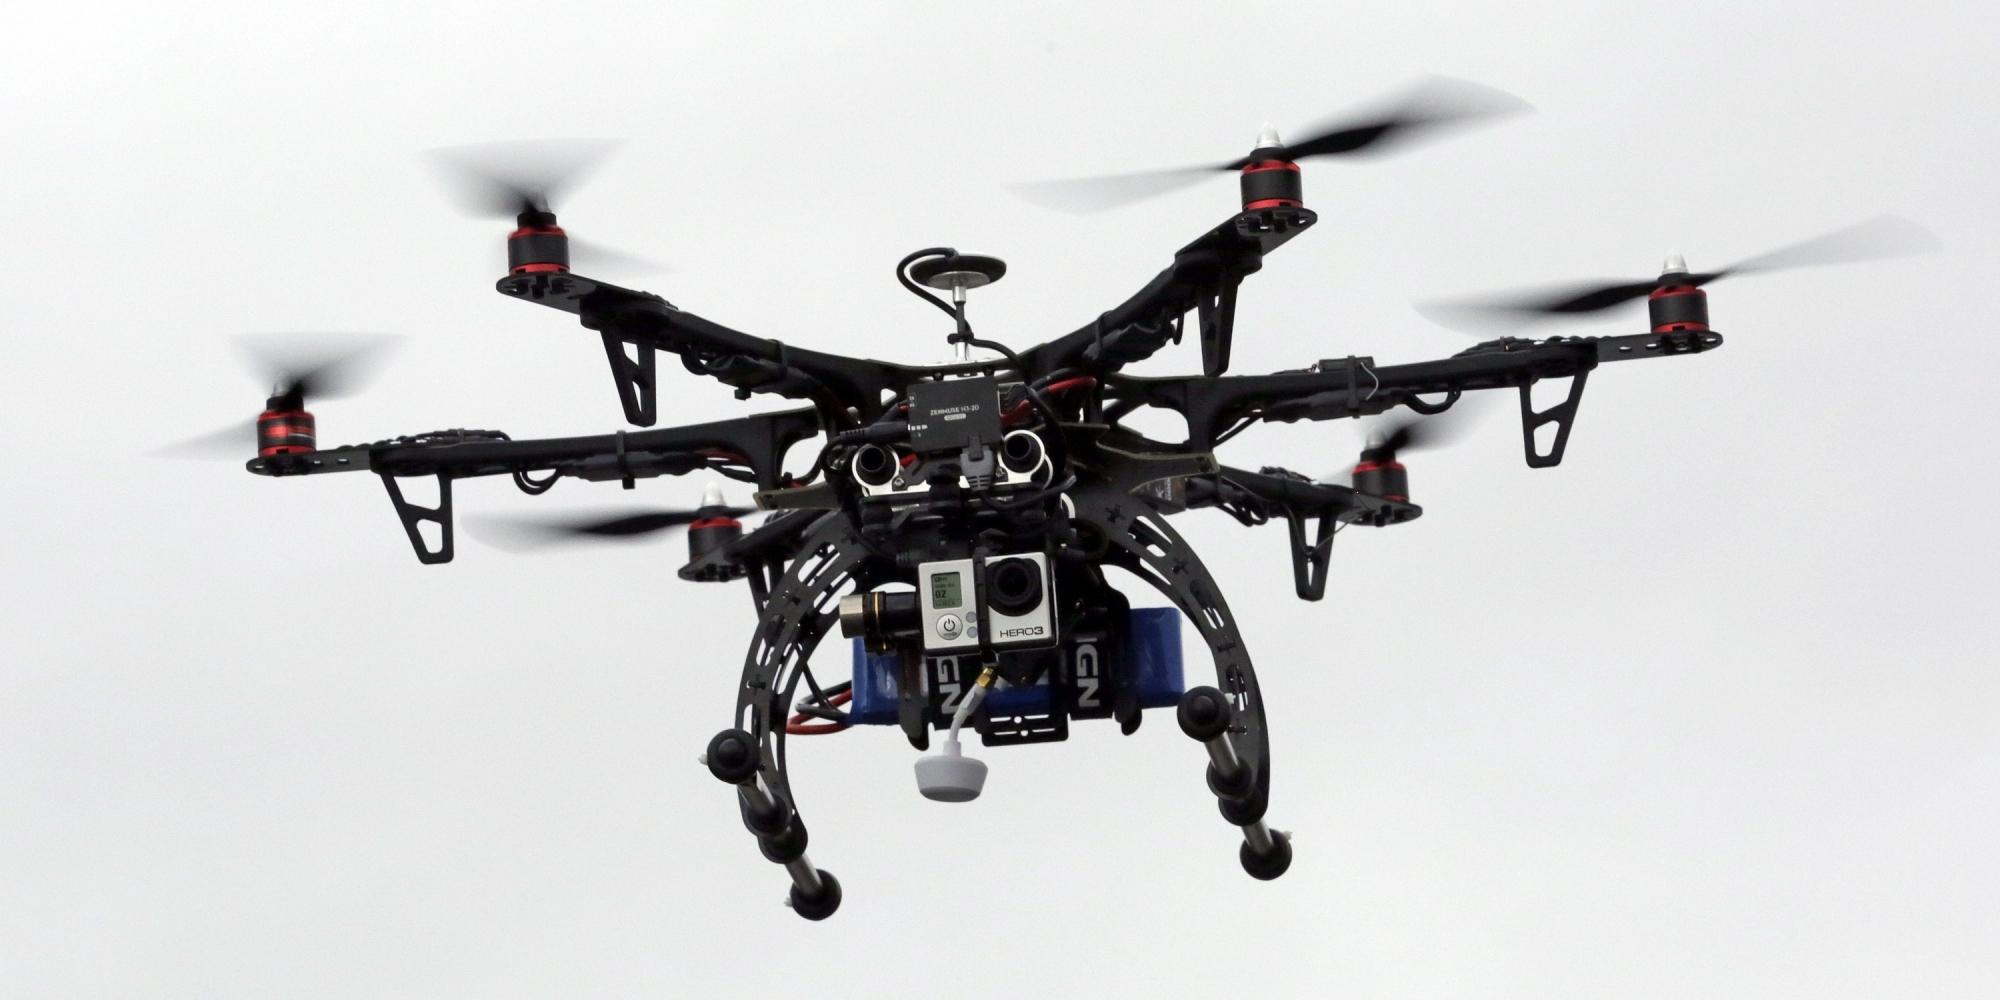 DRONI: IN ARRIVO UNA REGOLAMENTAZIONE A LIVELLO EUROPEO